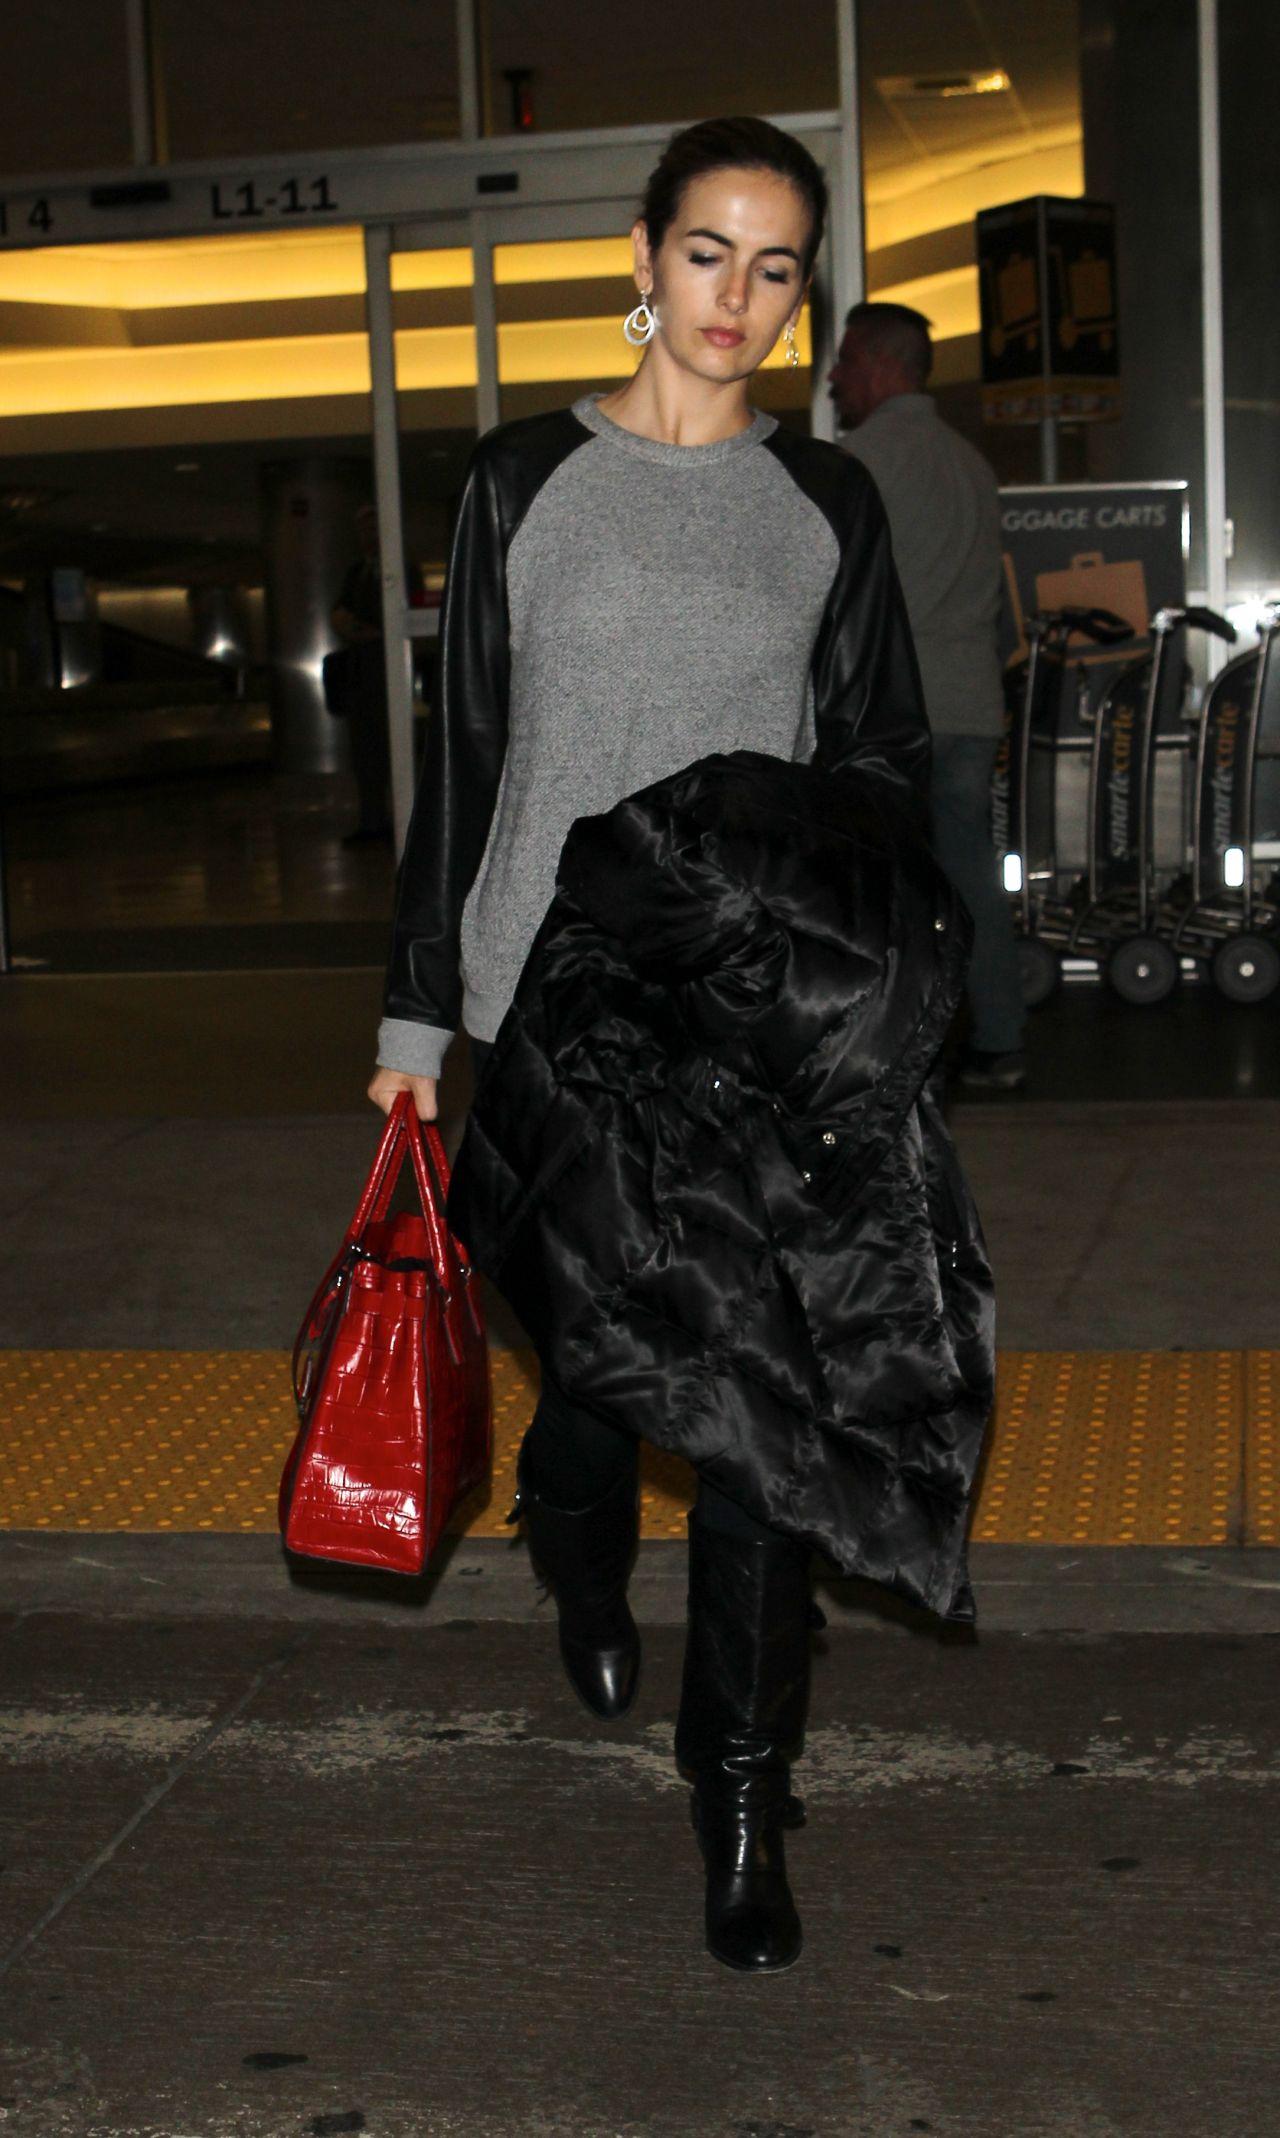 Camilla Belle at LAX Airport - November 2014